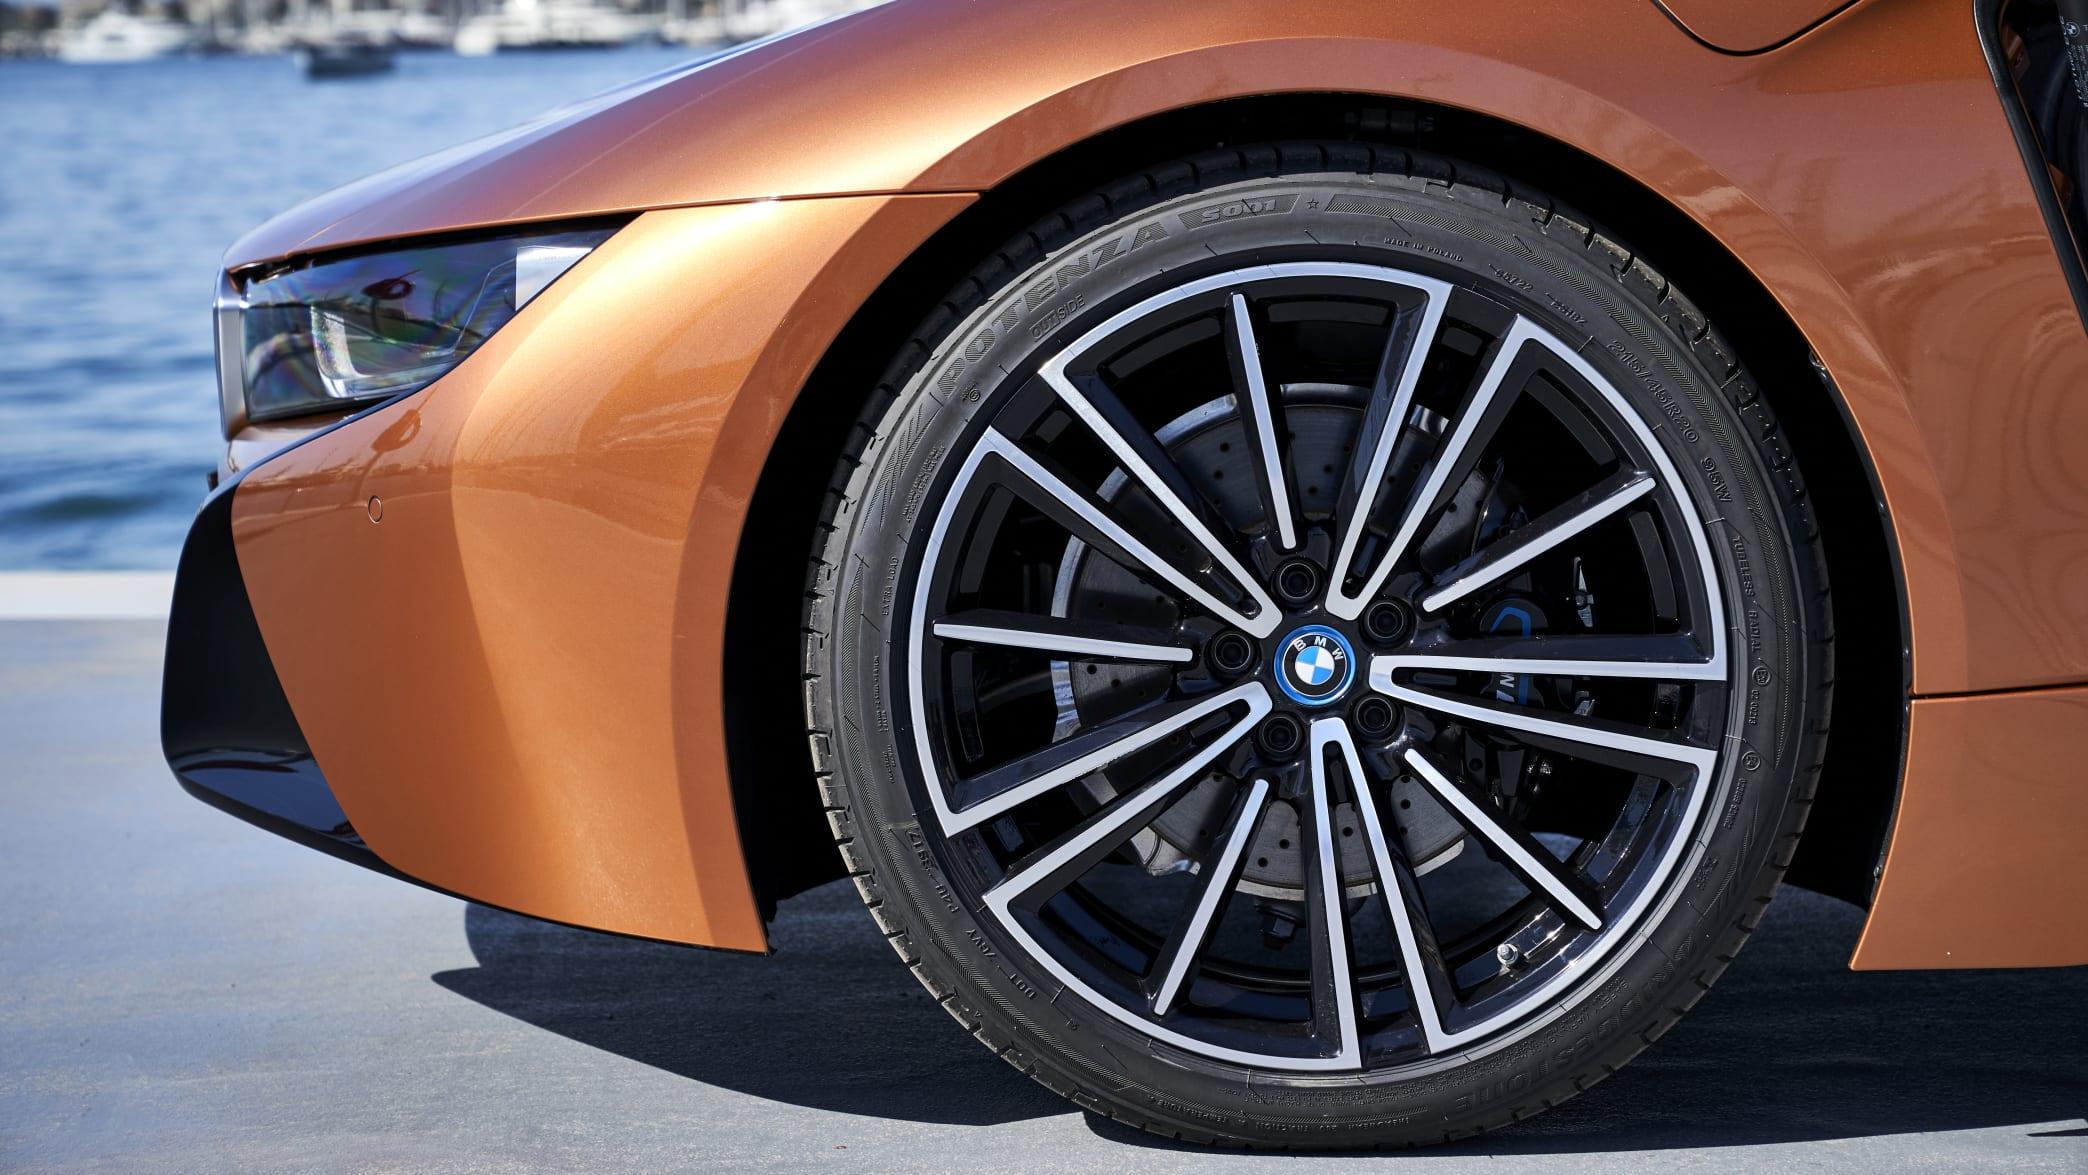 Detail Felge des BMW i8 Roadster